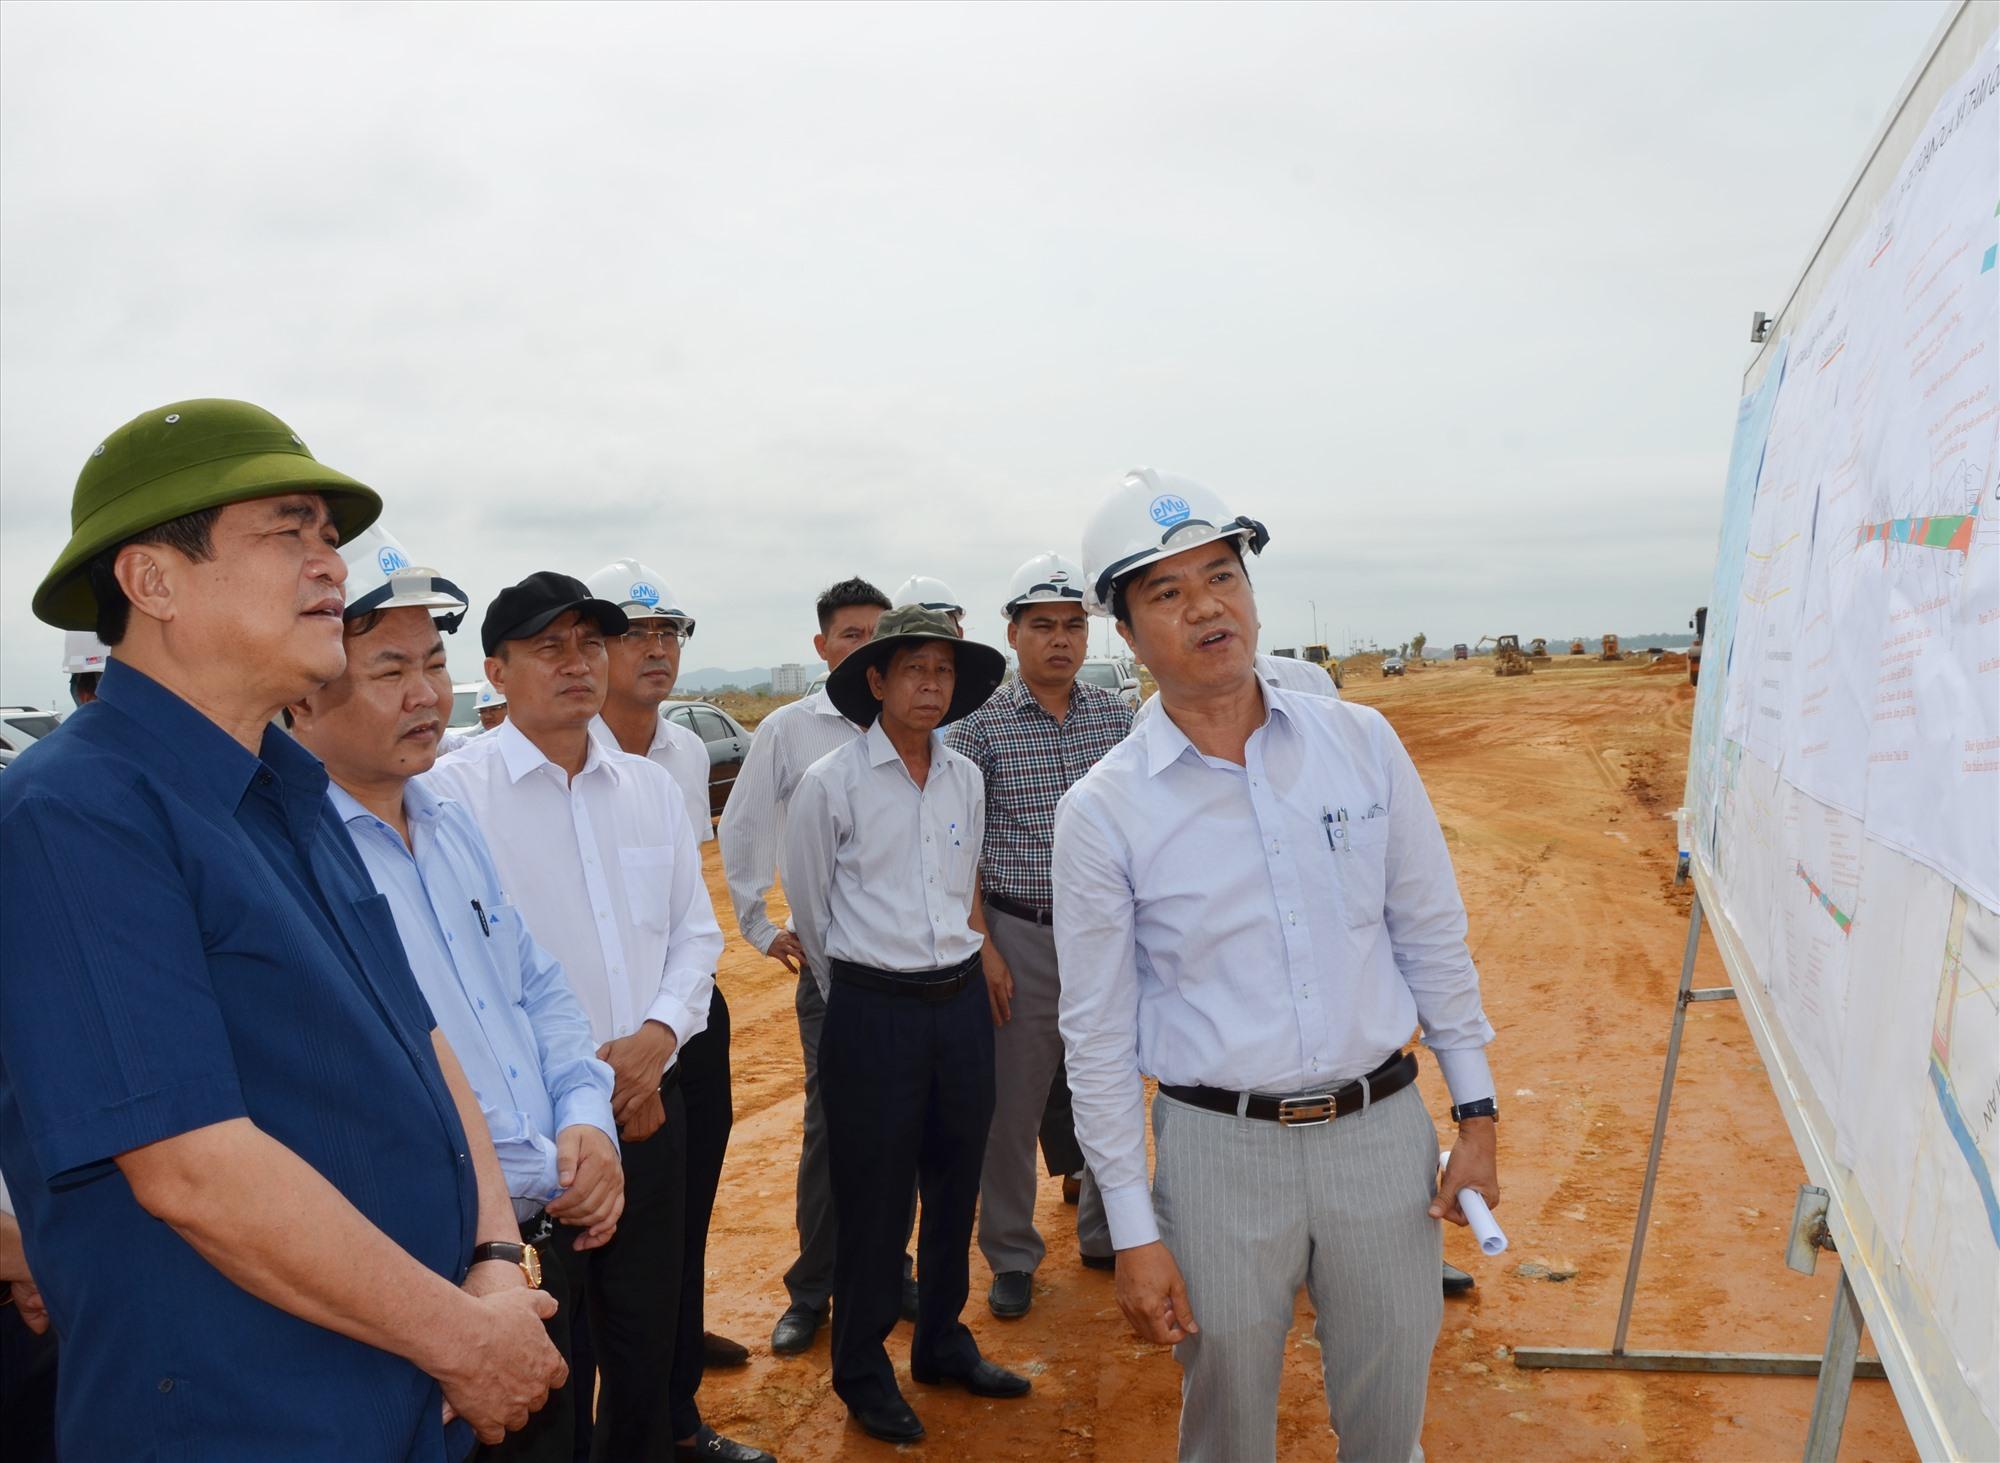 Bí thư Tỉnh ủy Phan Việt Cường kiểm tra tiến độ thi công, công tác GPMB đường Võ Chí Công vào cuối tháng 4.2021. Ảnh: H.Phúc